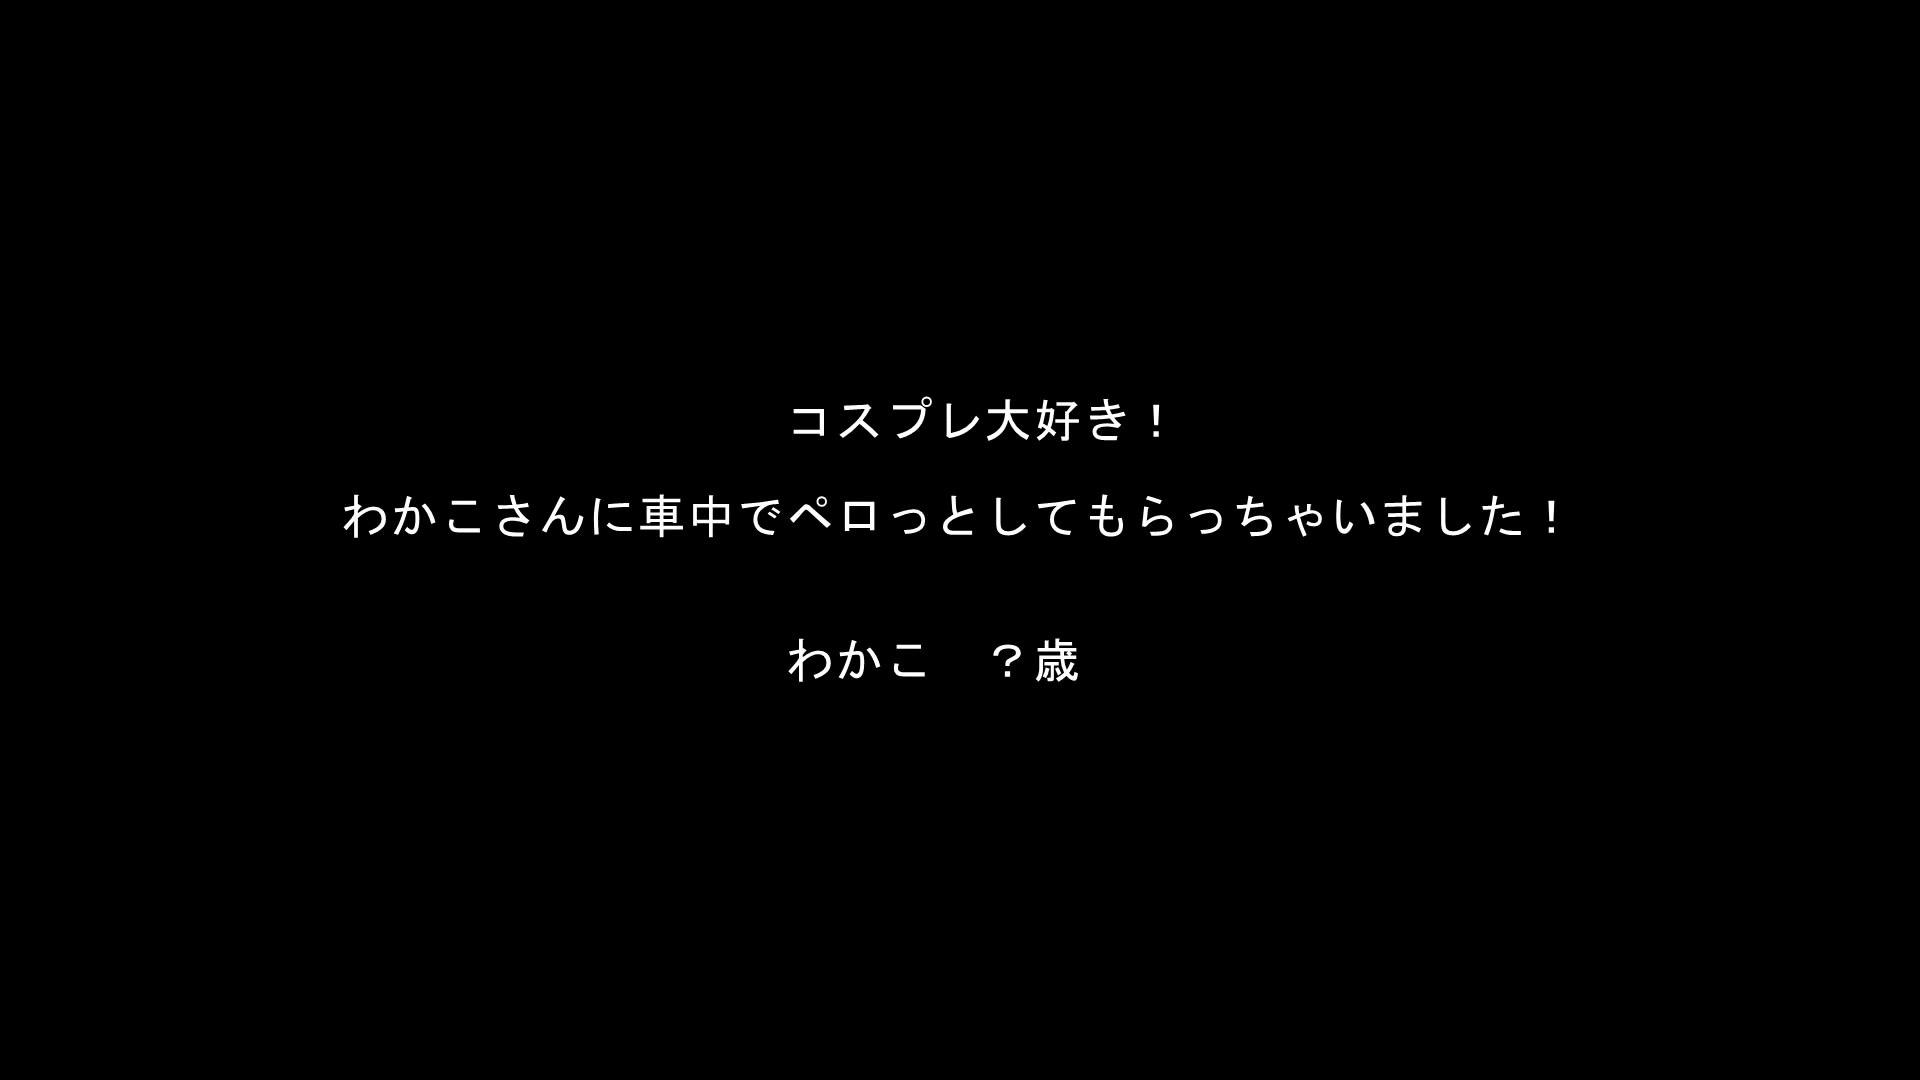 ☆お買い得・再販☆ コスプレ大好き!わかこさんシリーズ!【高画質ZIP付】